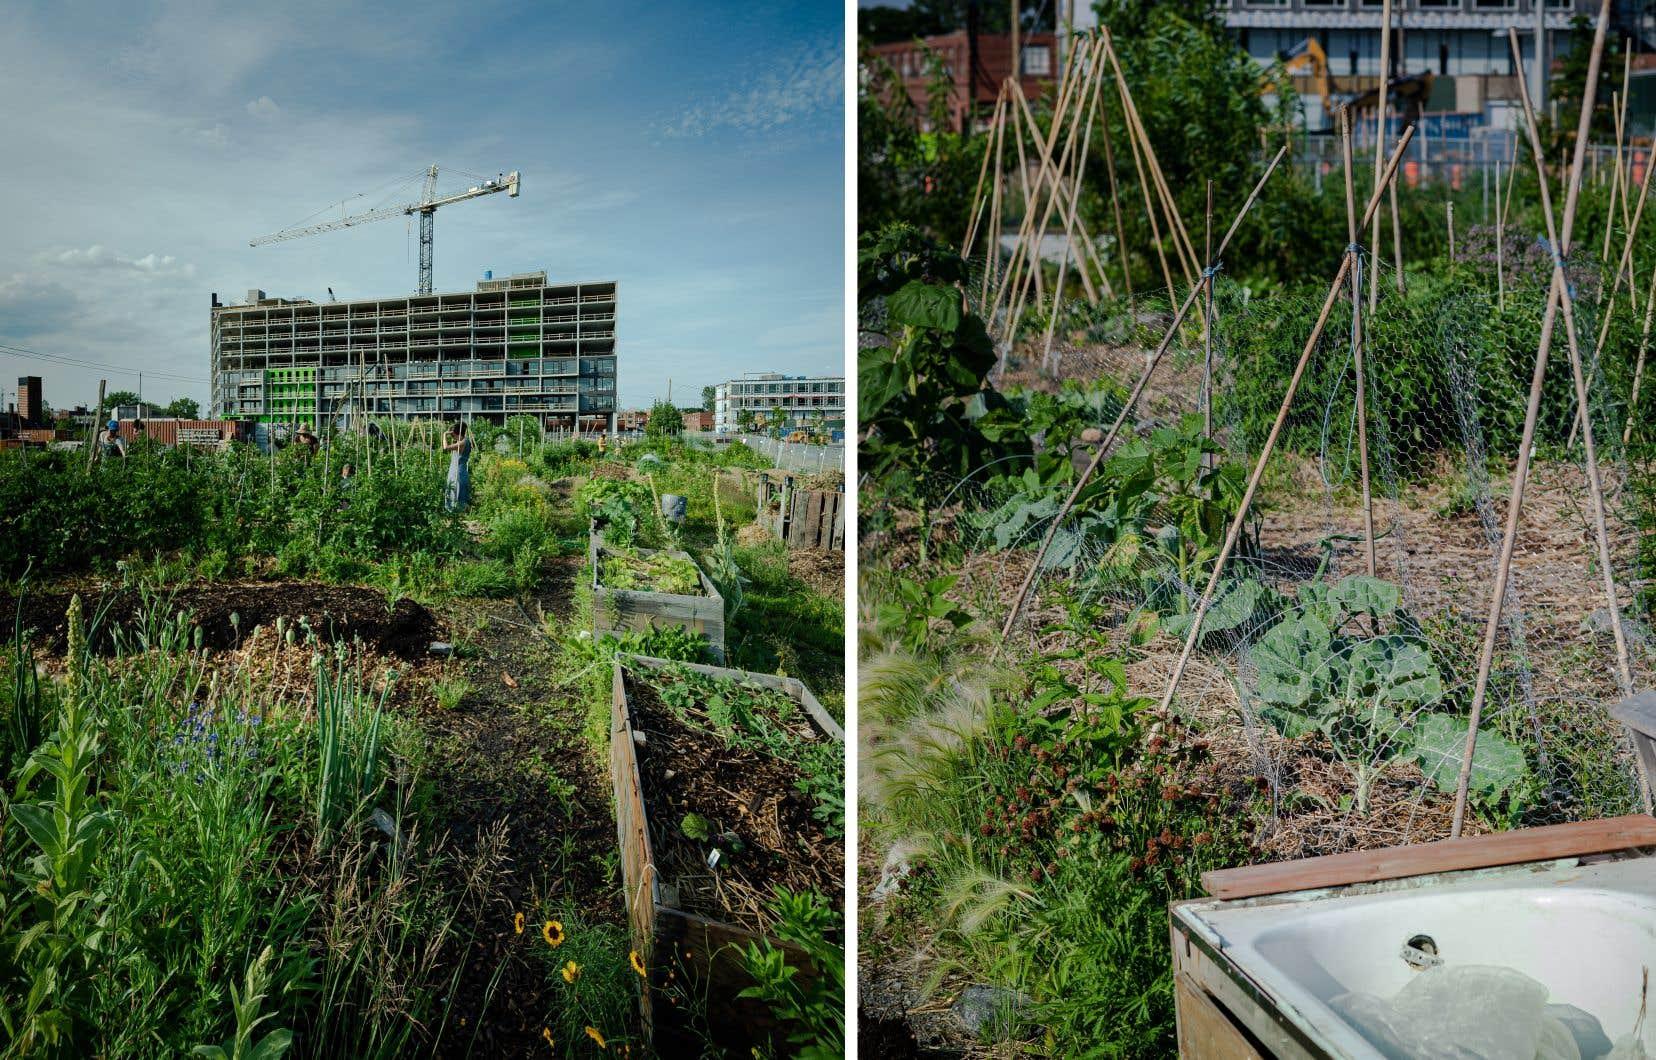 Le jardin de 10000 pi2 accueille un programme de formation en agriculture urbaine pour les citoyens.